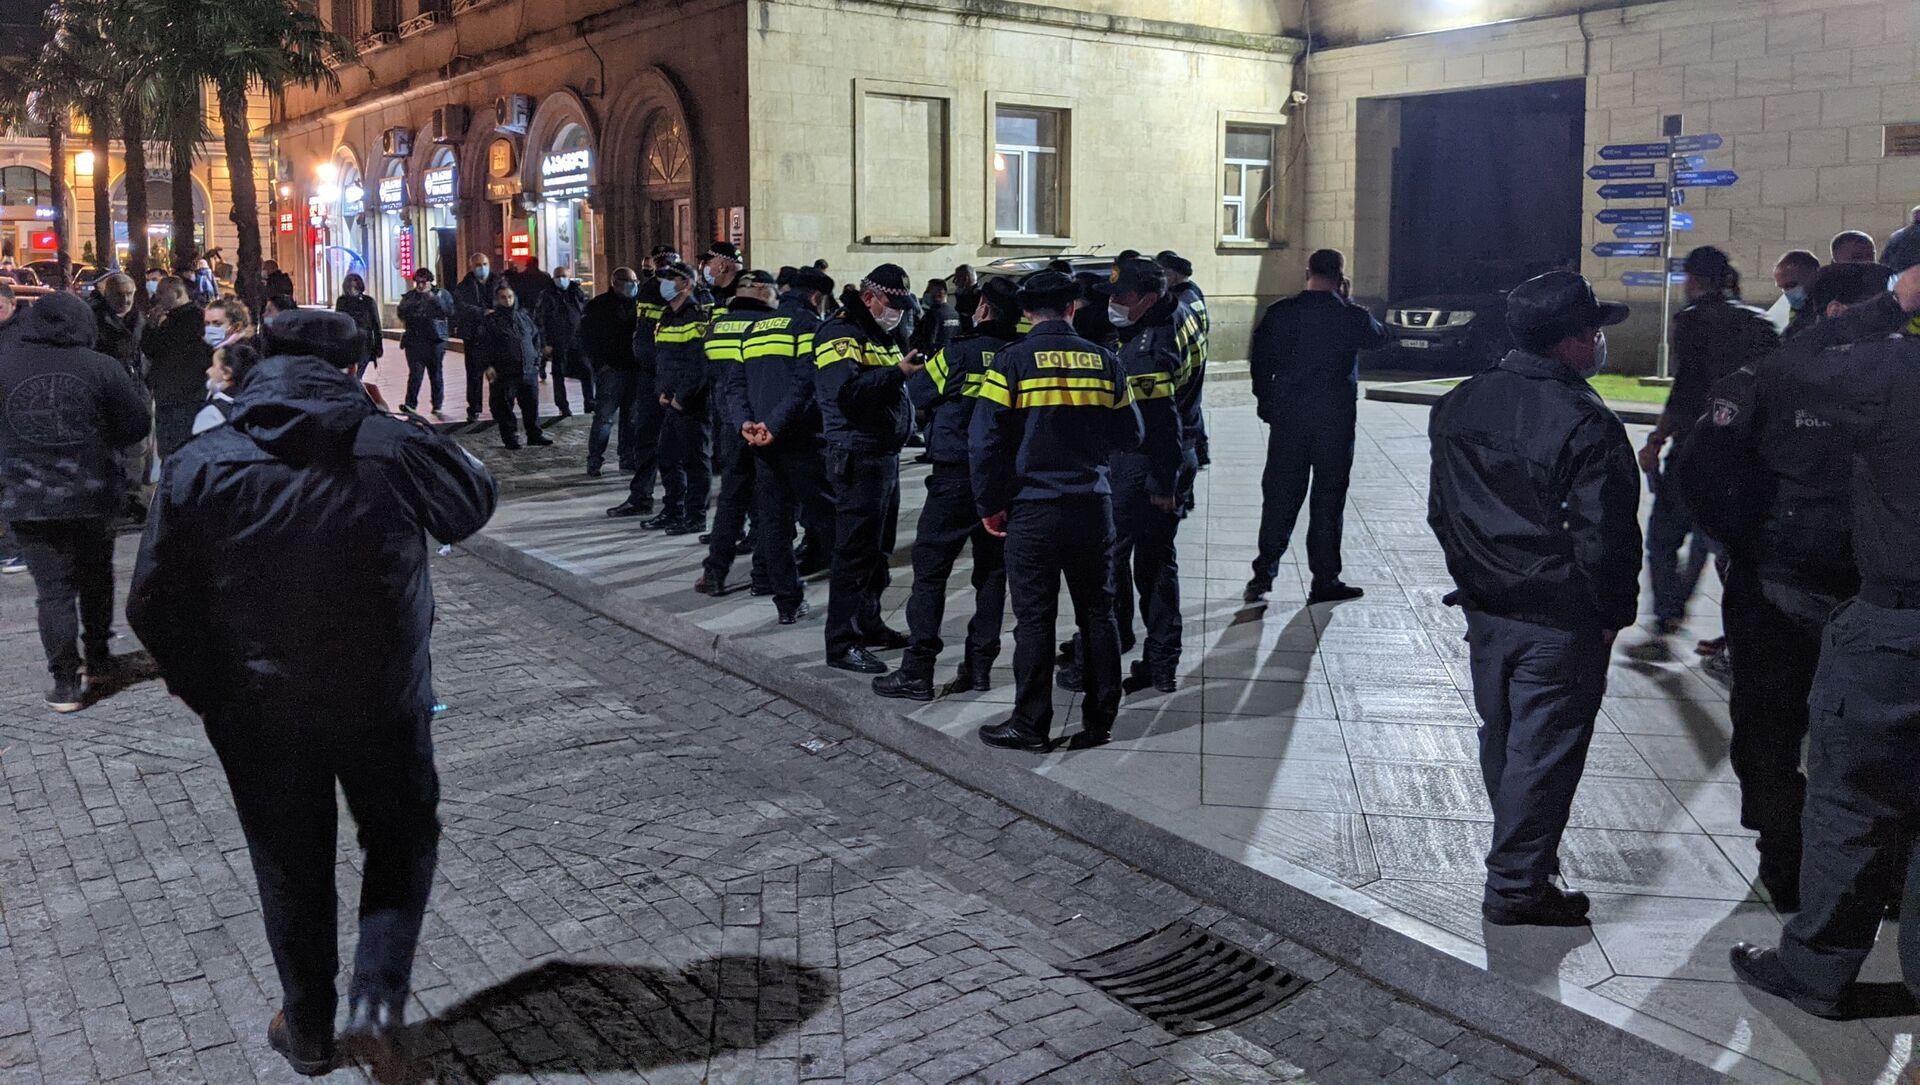 Акция протеста в Кутаиси 12 февраля 2021 года - полиция у здания мэрии города - Sputnik Грузия, 1920, 12.02.2021